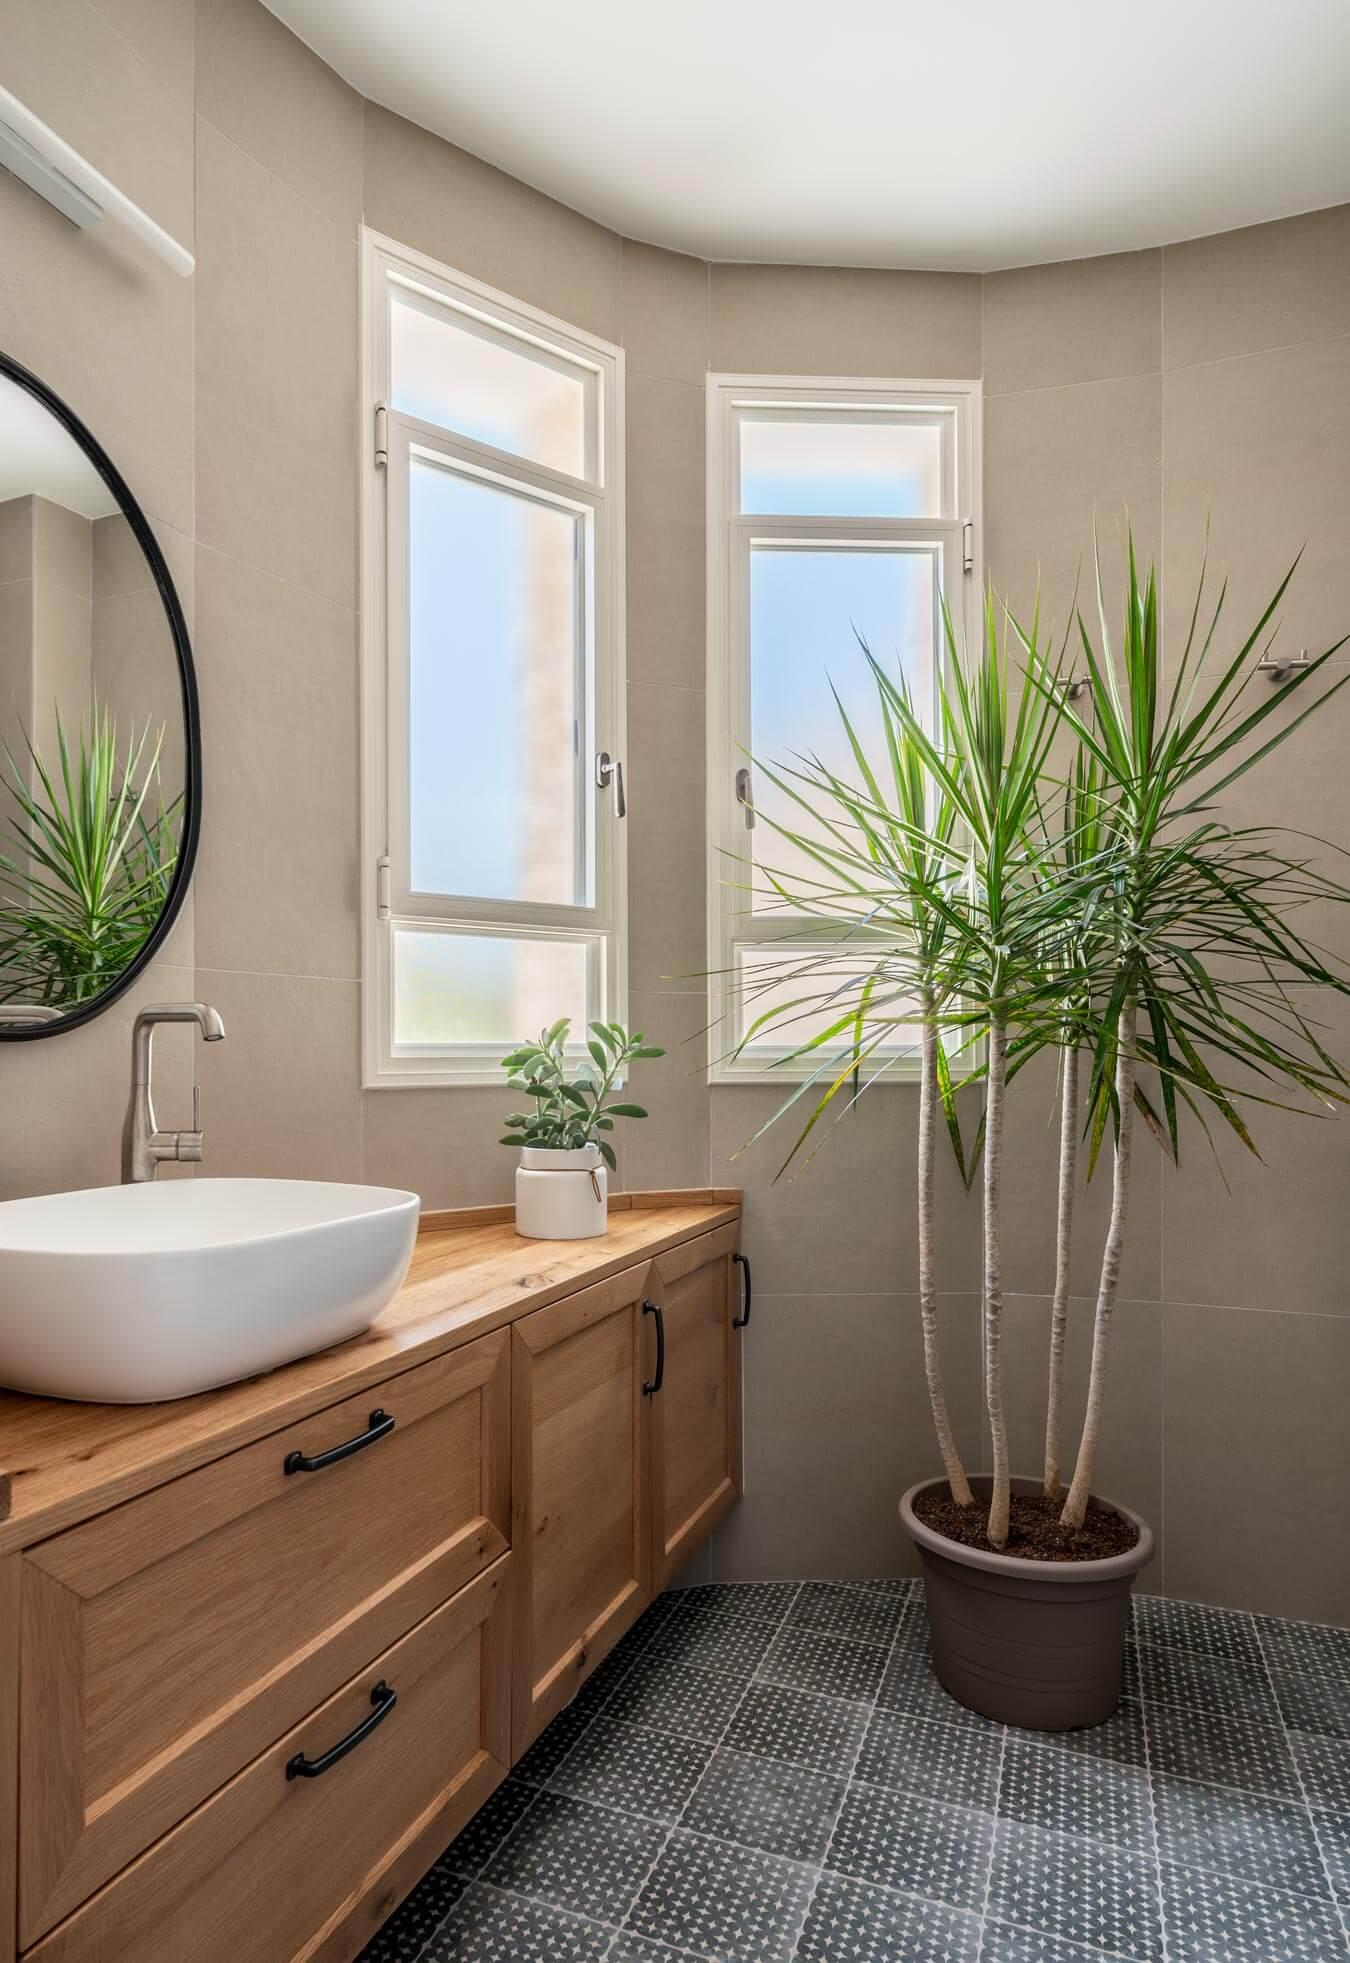 ארונות אמבטיה בהתאמה אישית